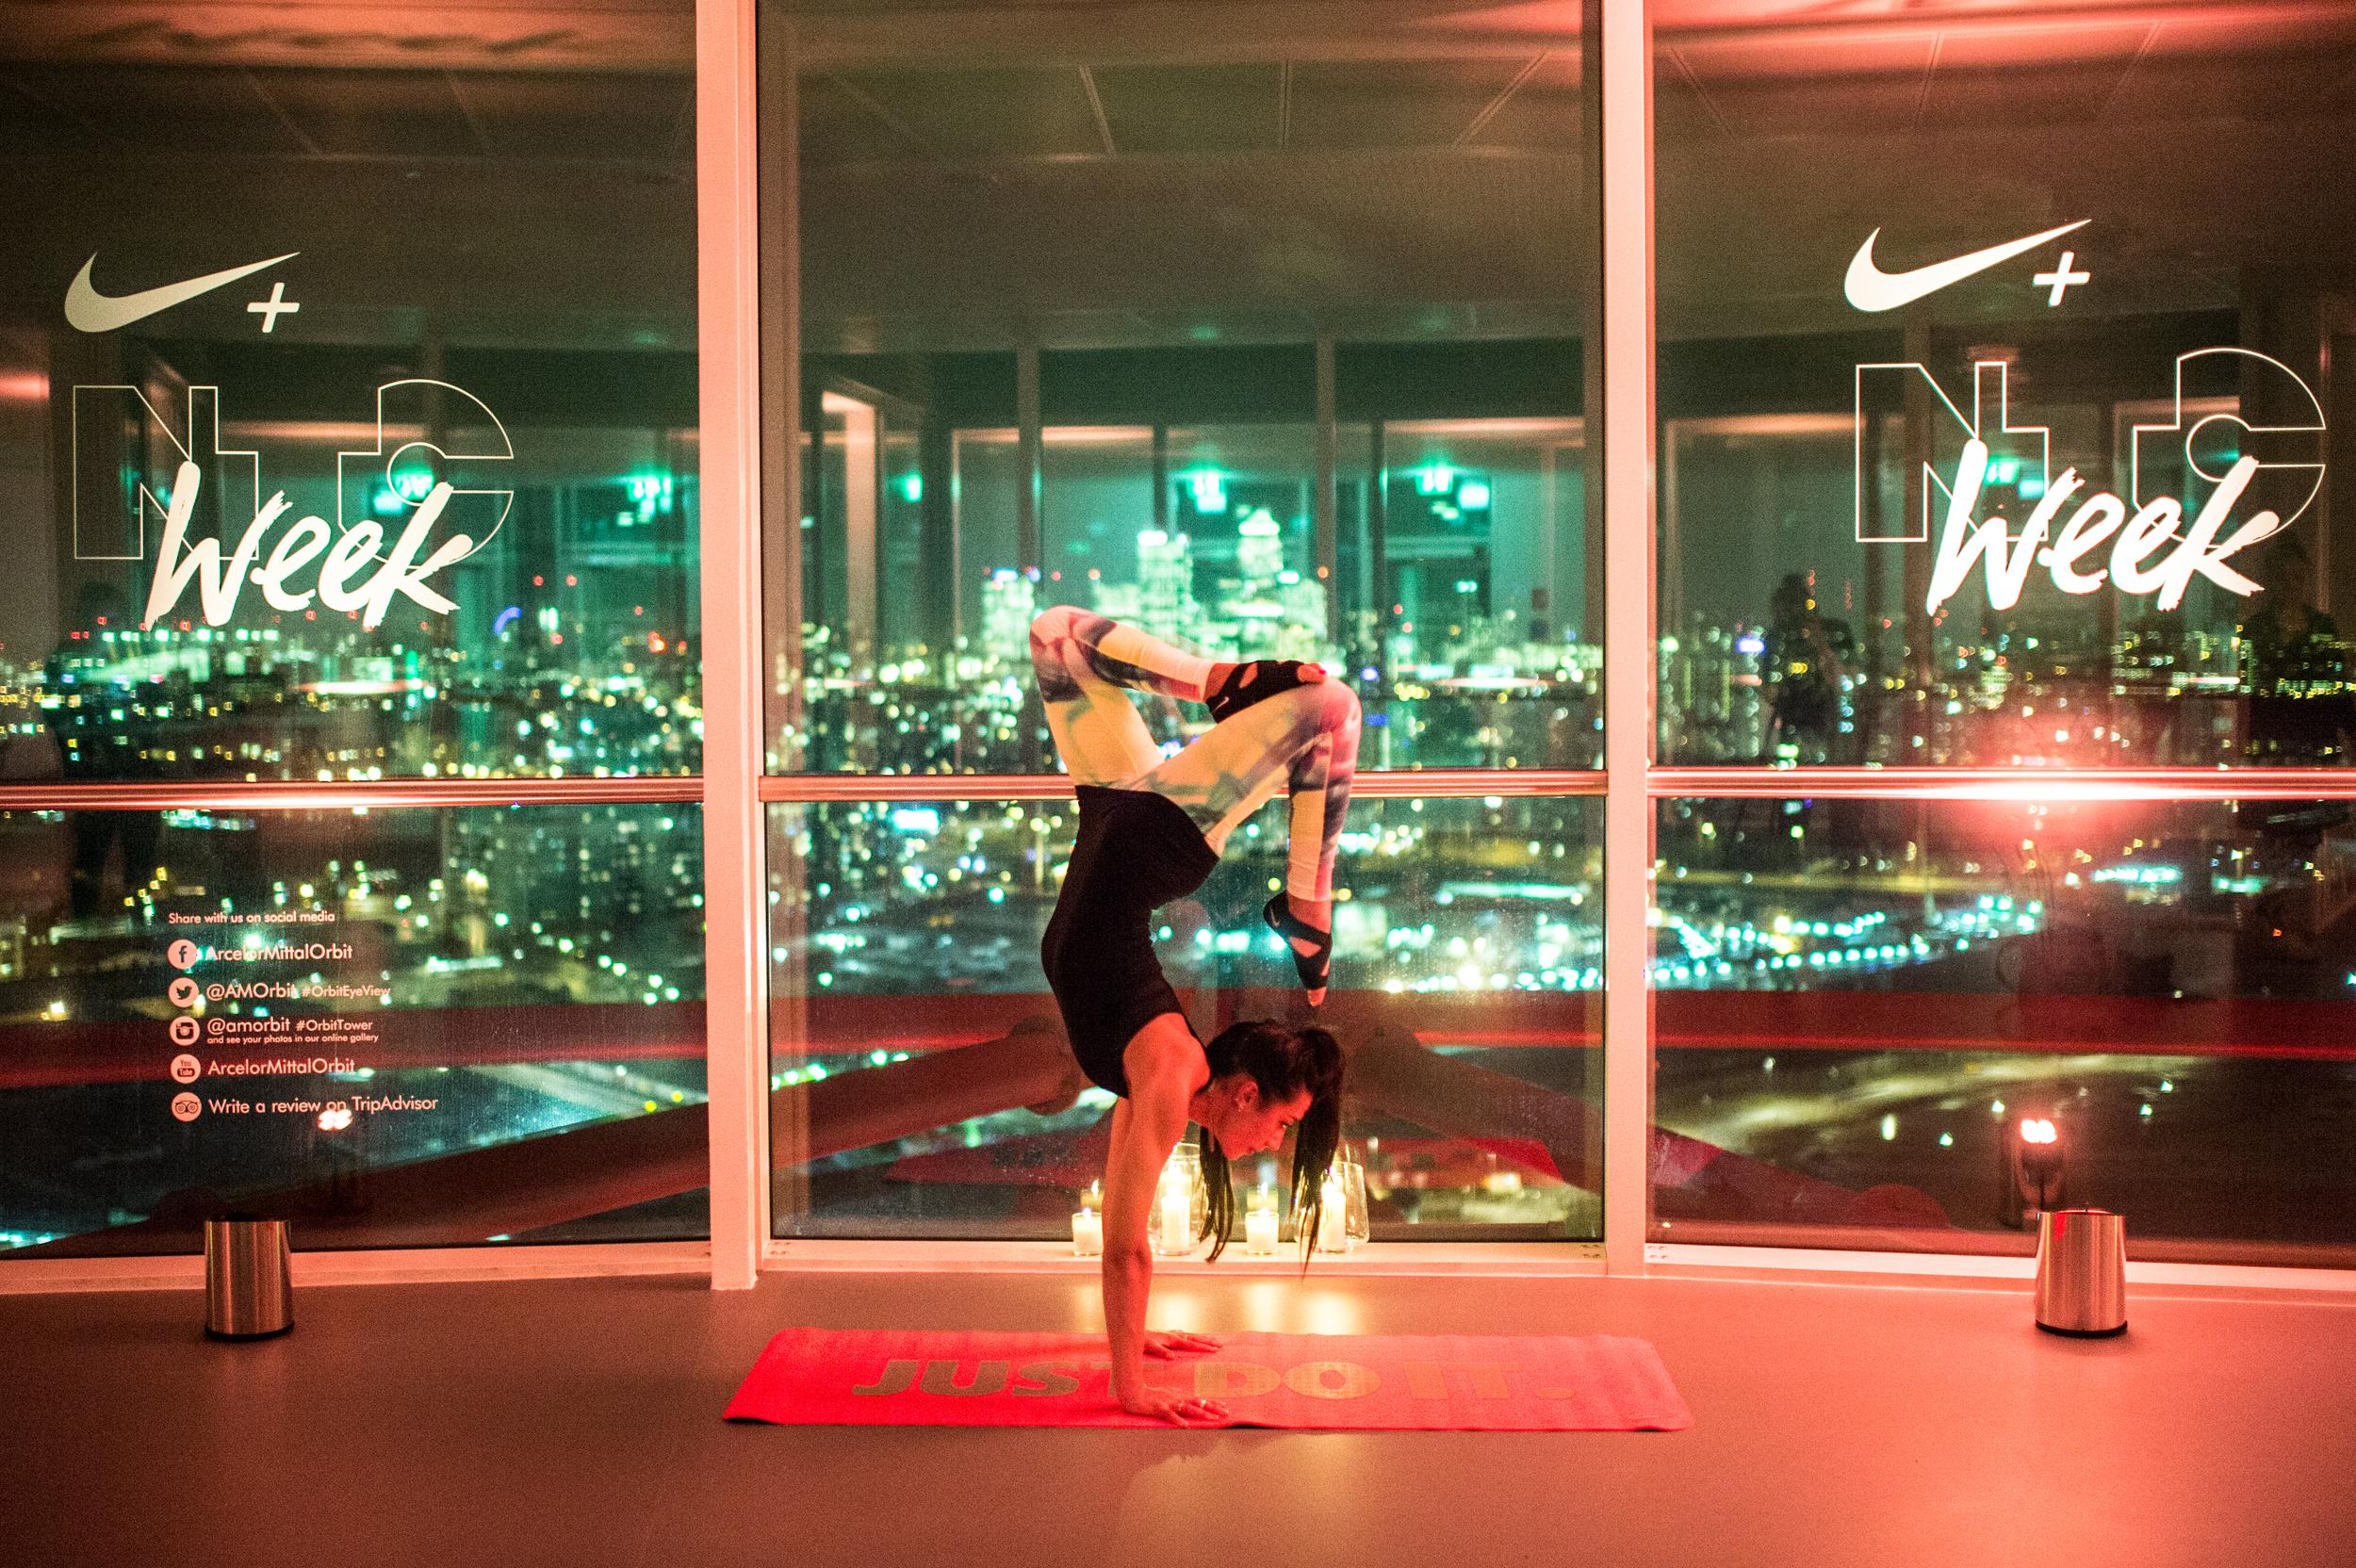 Jessica Skye Yoga Nike Training Club Week The Orbit